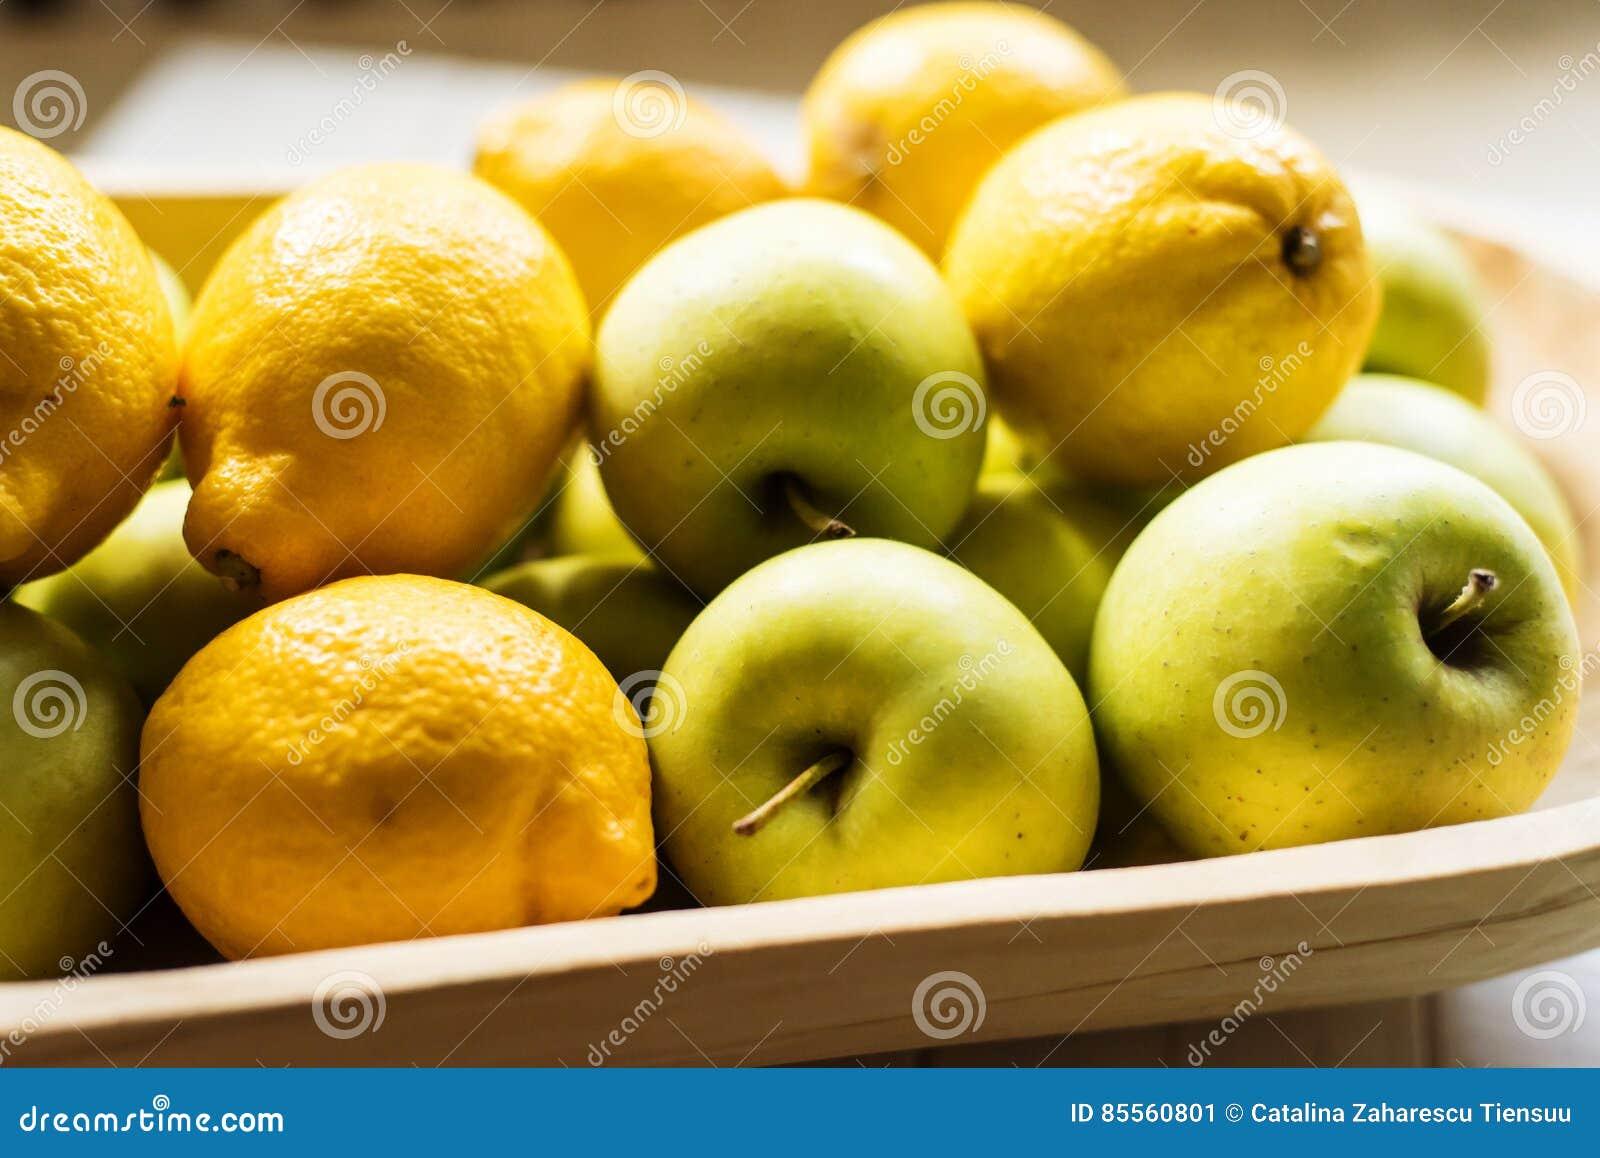 Goldene Äpfel und Zitronen